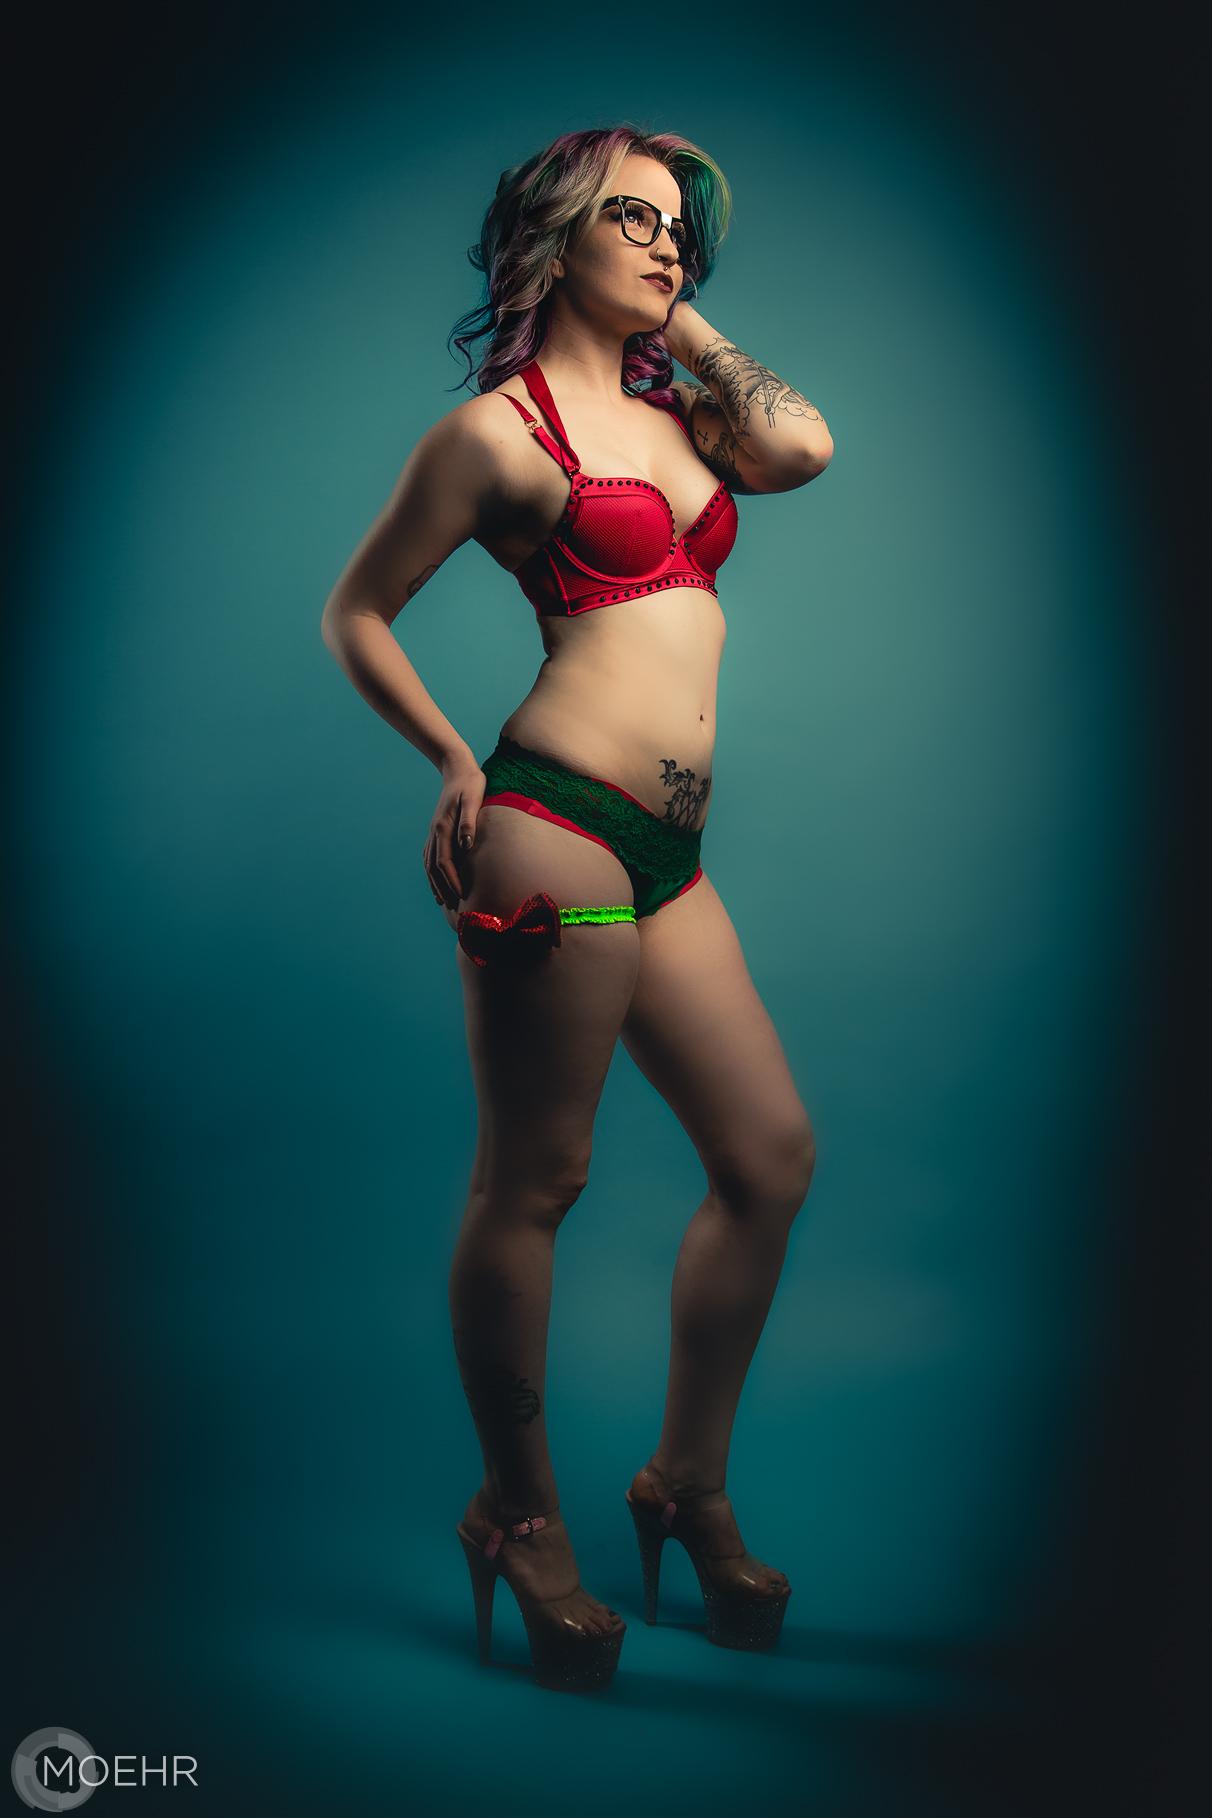 Marina Mars